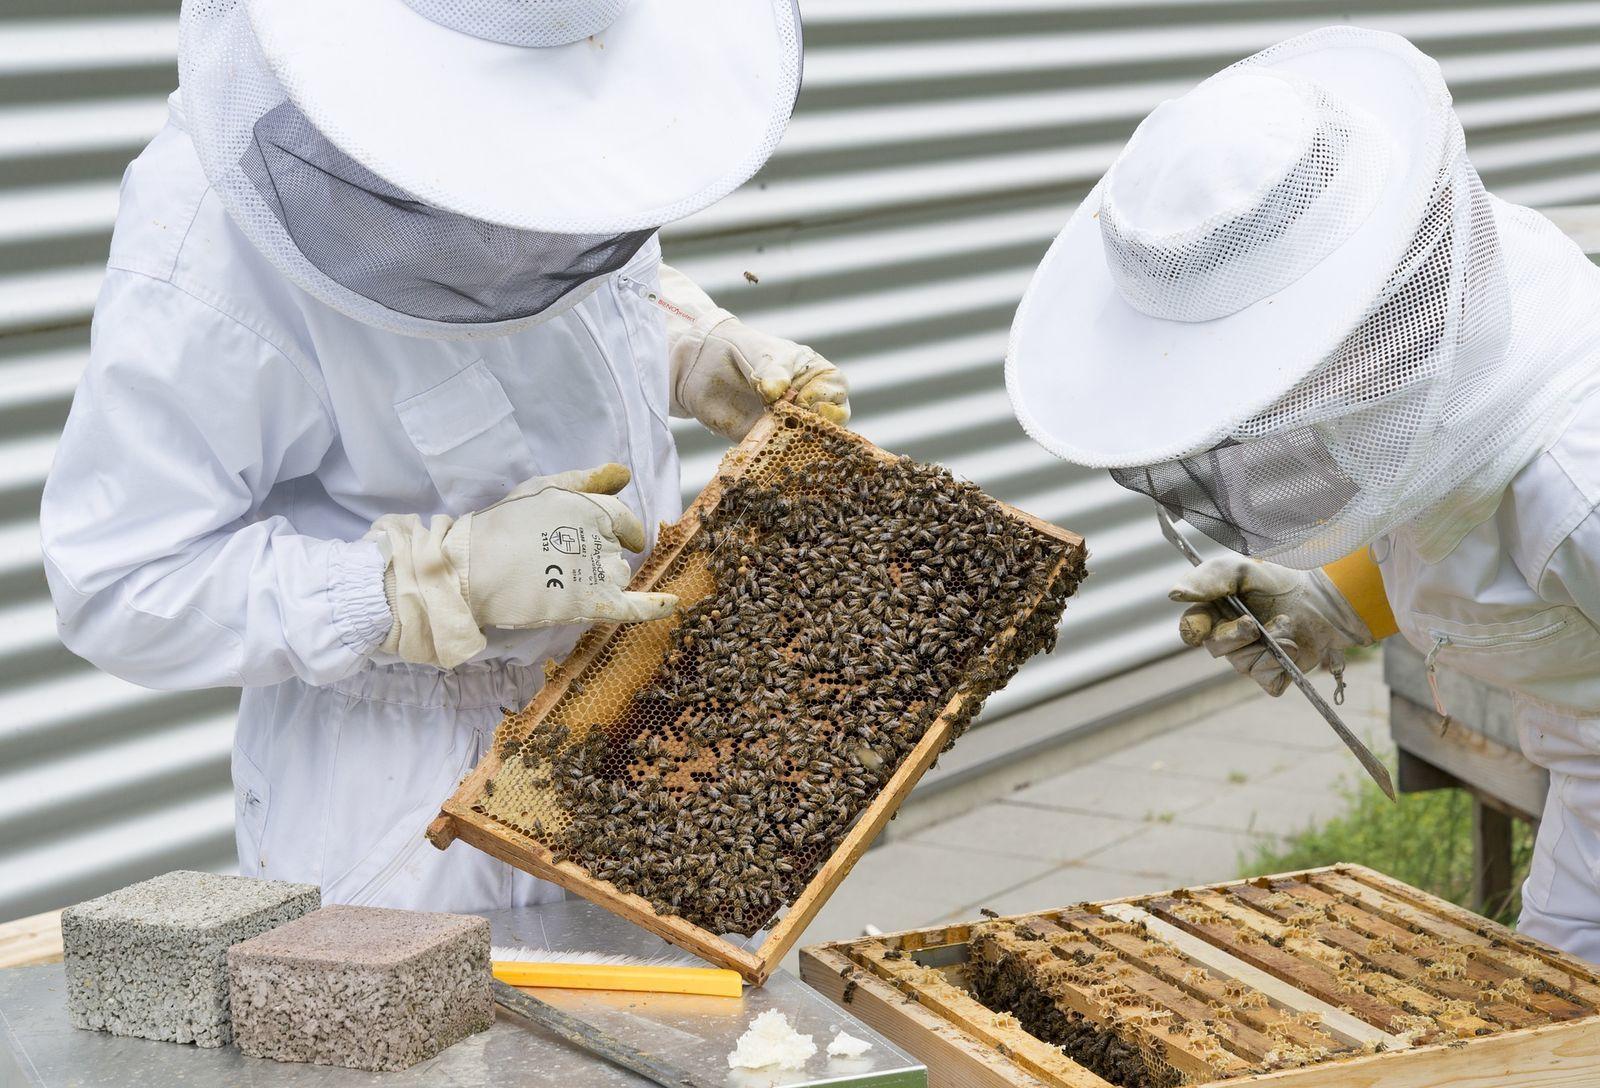 pikkelysömör kezelése méhészeti termékekkel